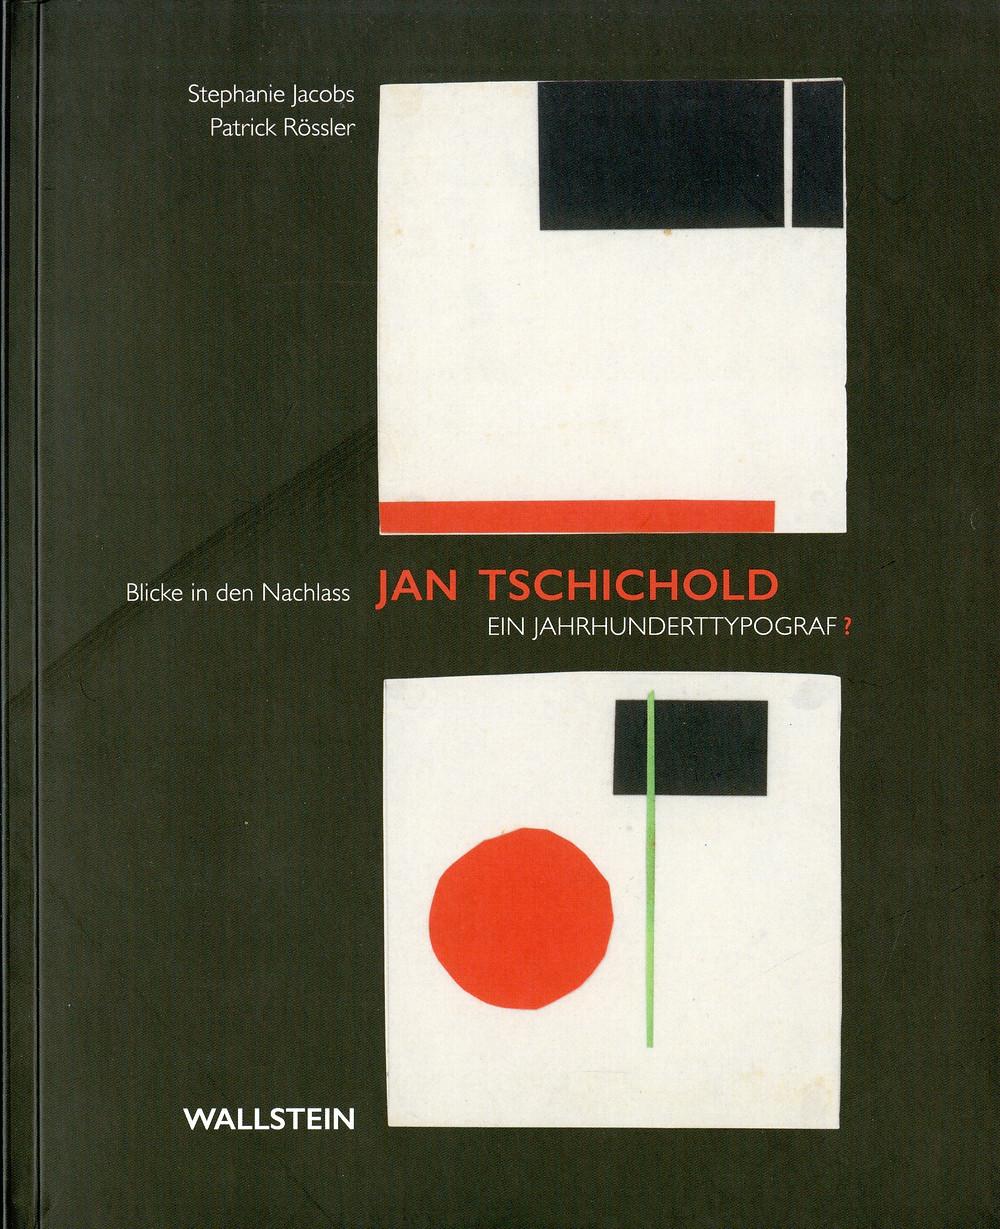 Blicke in den Nachlass Jan Tschichold: Ein Jahrhundrettypograf?